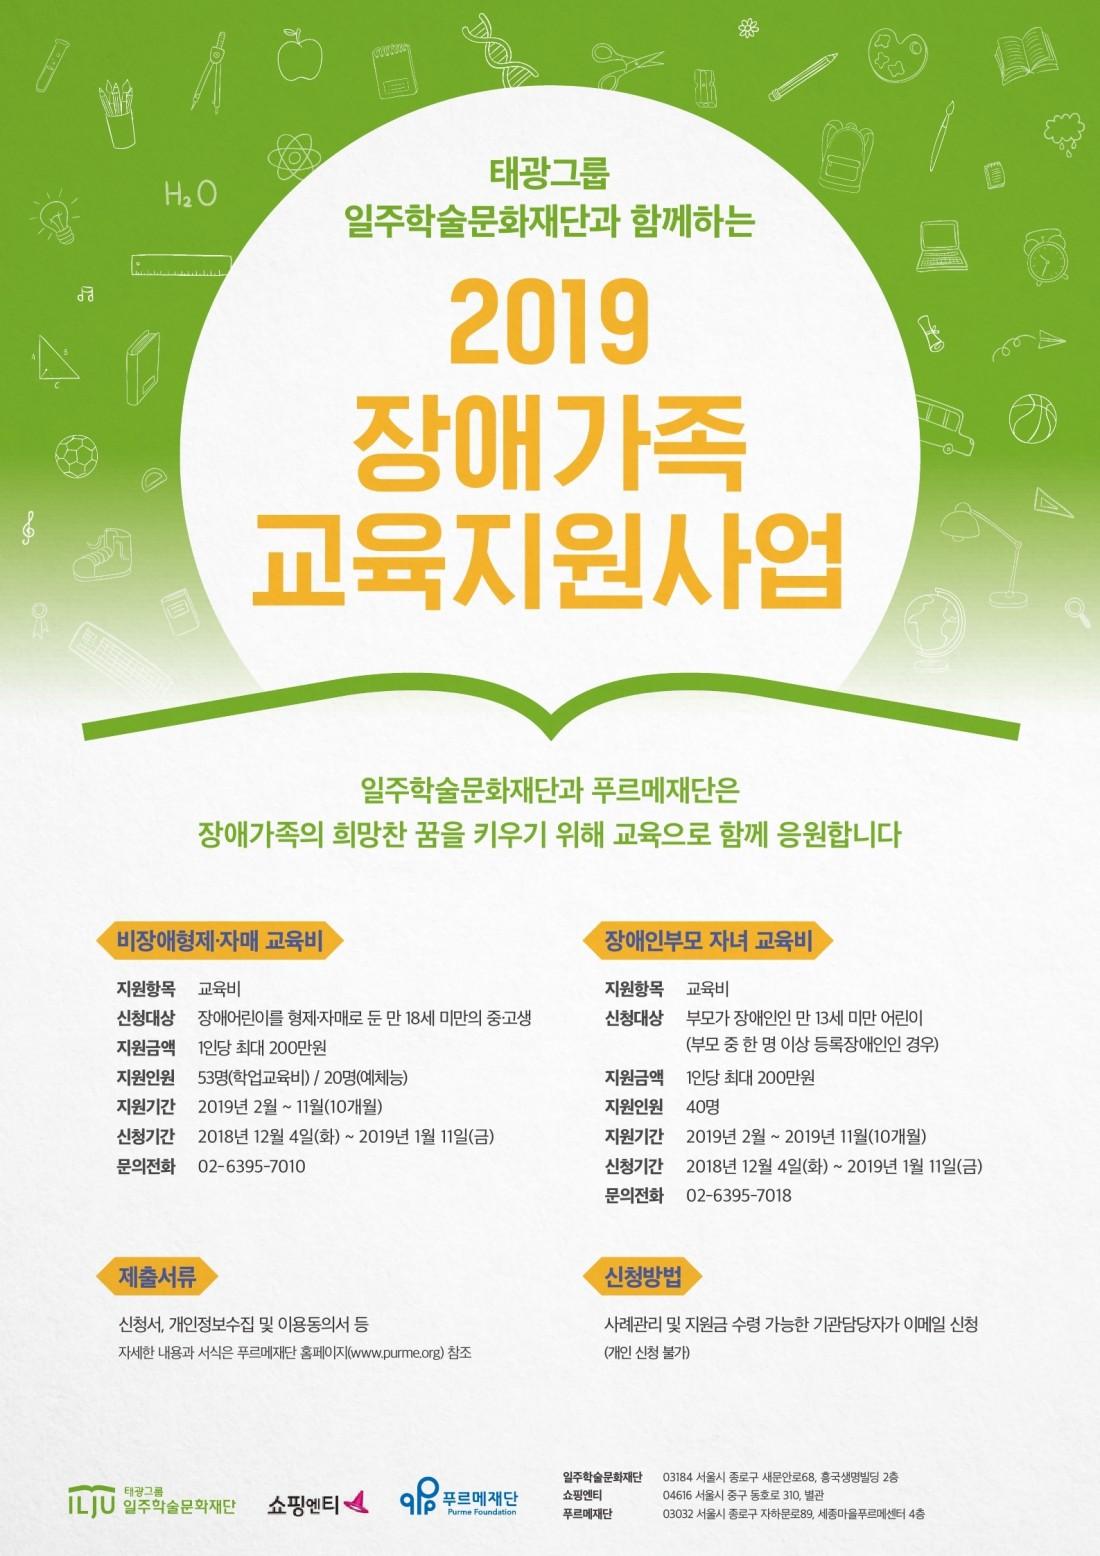 2019 장애가족 교육지원사업 홍보 포스터